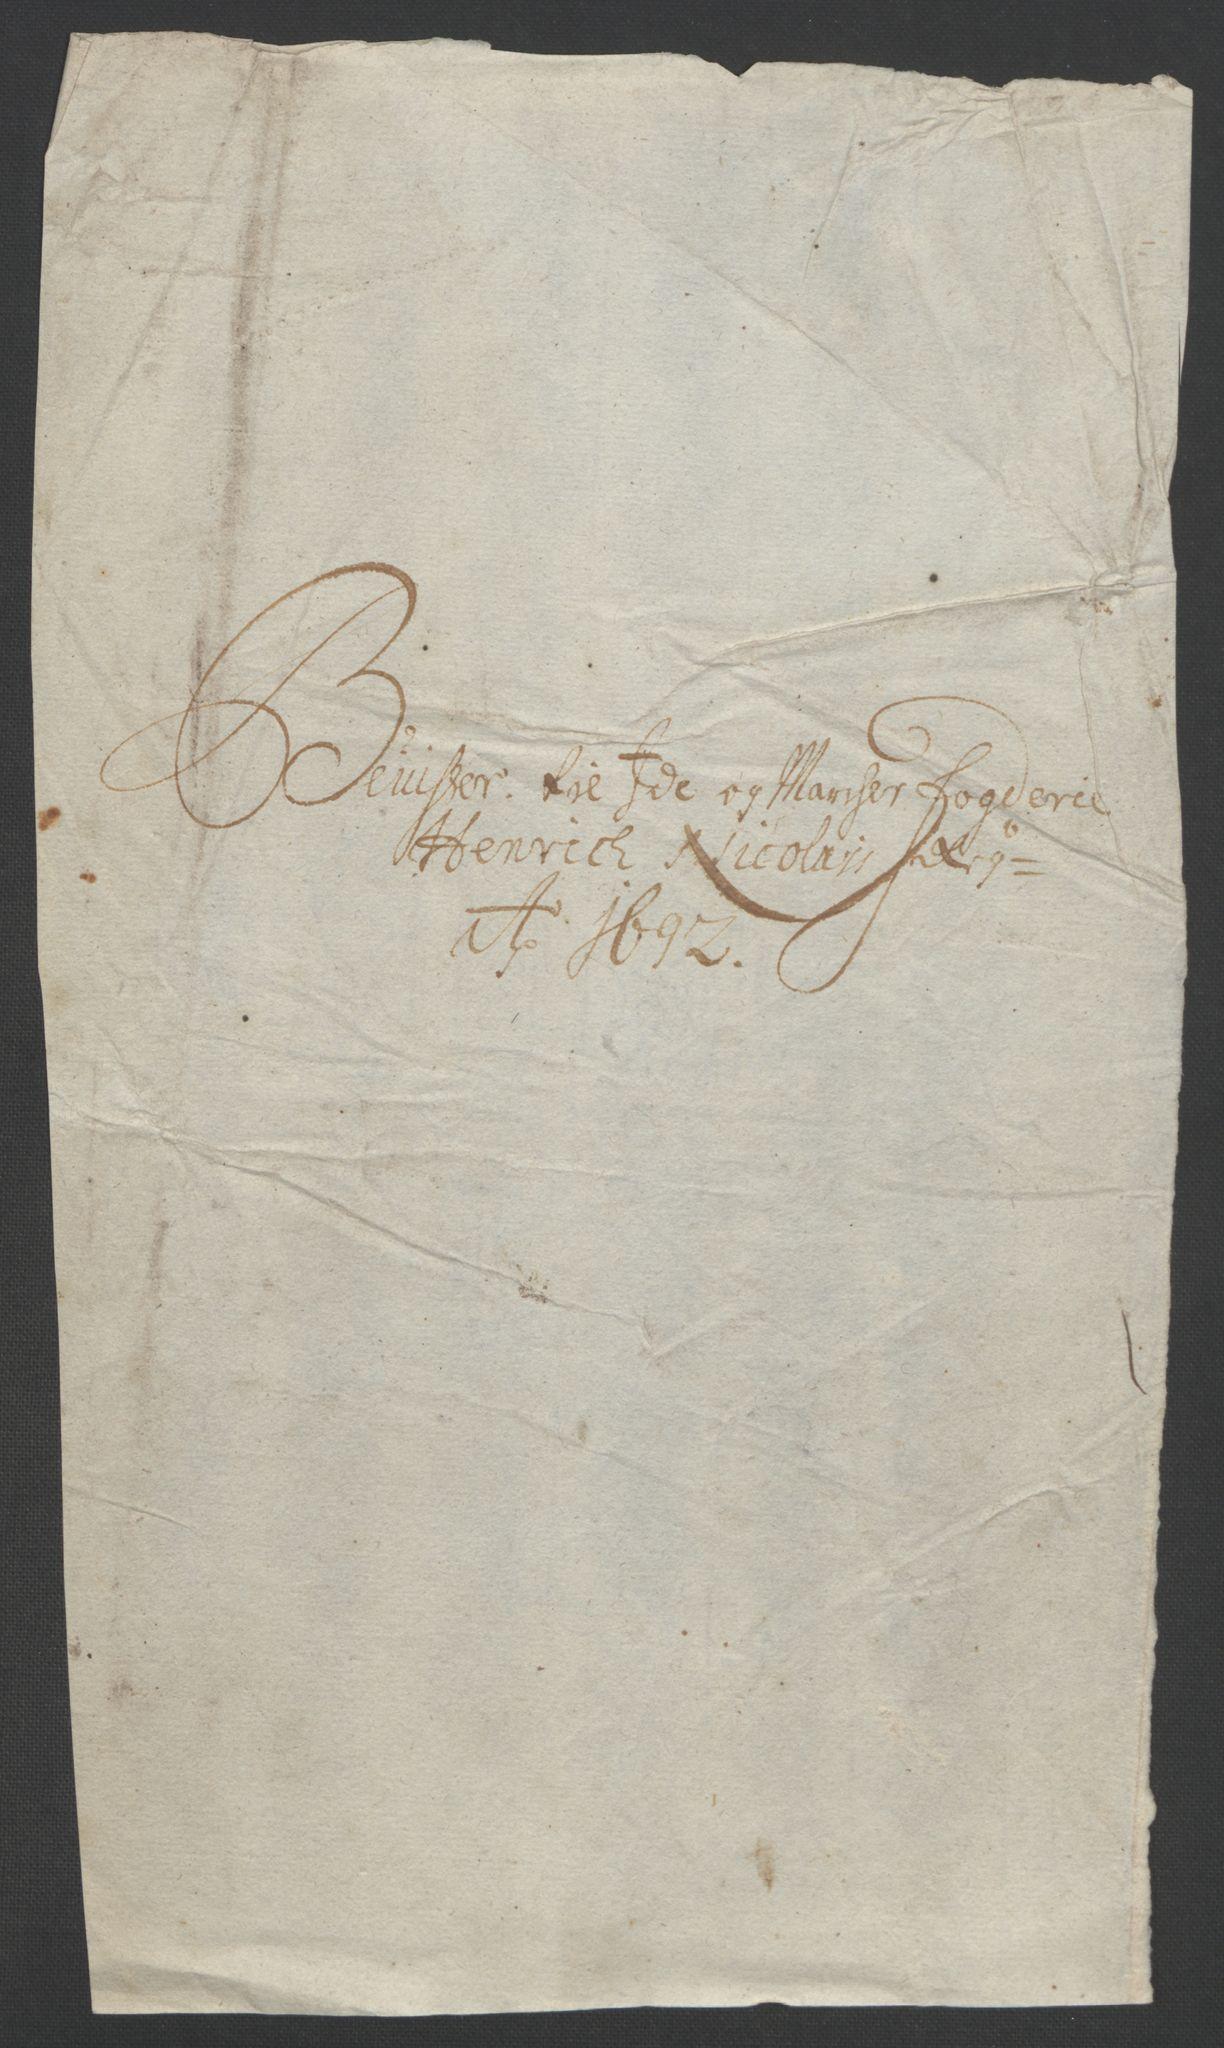 RA, Rentekammeret inntil 1814, Reviderte regnskaper, Fogderegnskap, R01/L0011: Fogderegnskap Idd og Marker, 1692-1693, s. 21